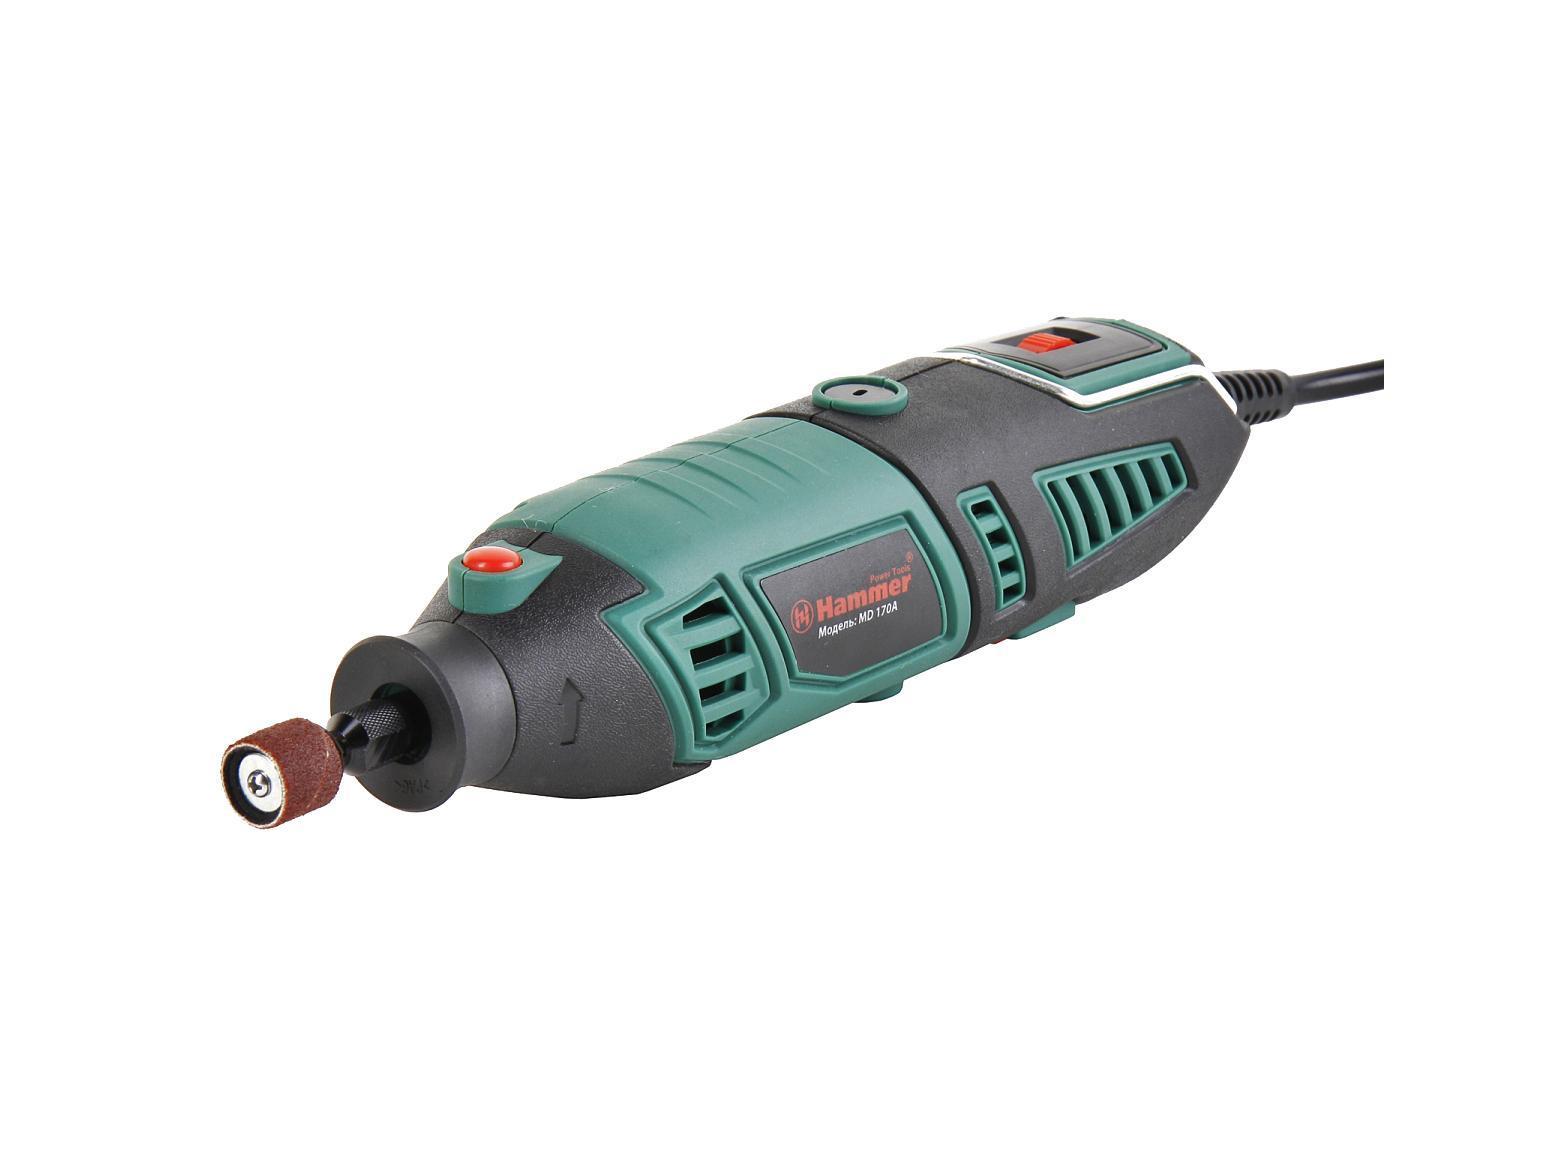 Hammer MD170A дрель-мини гравер hammer flex md170a [43265]